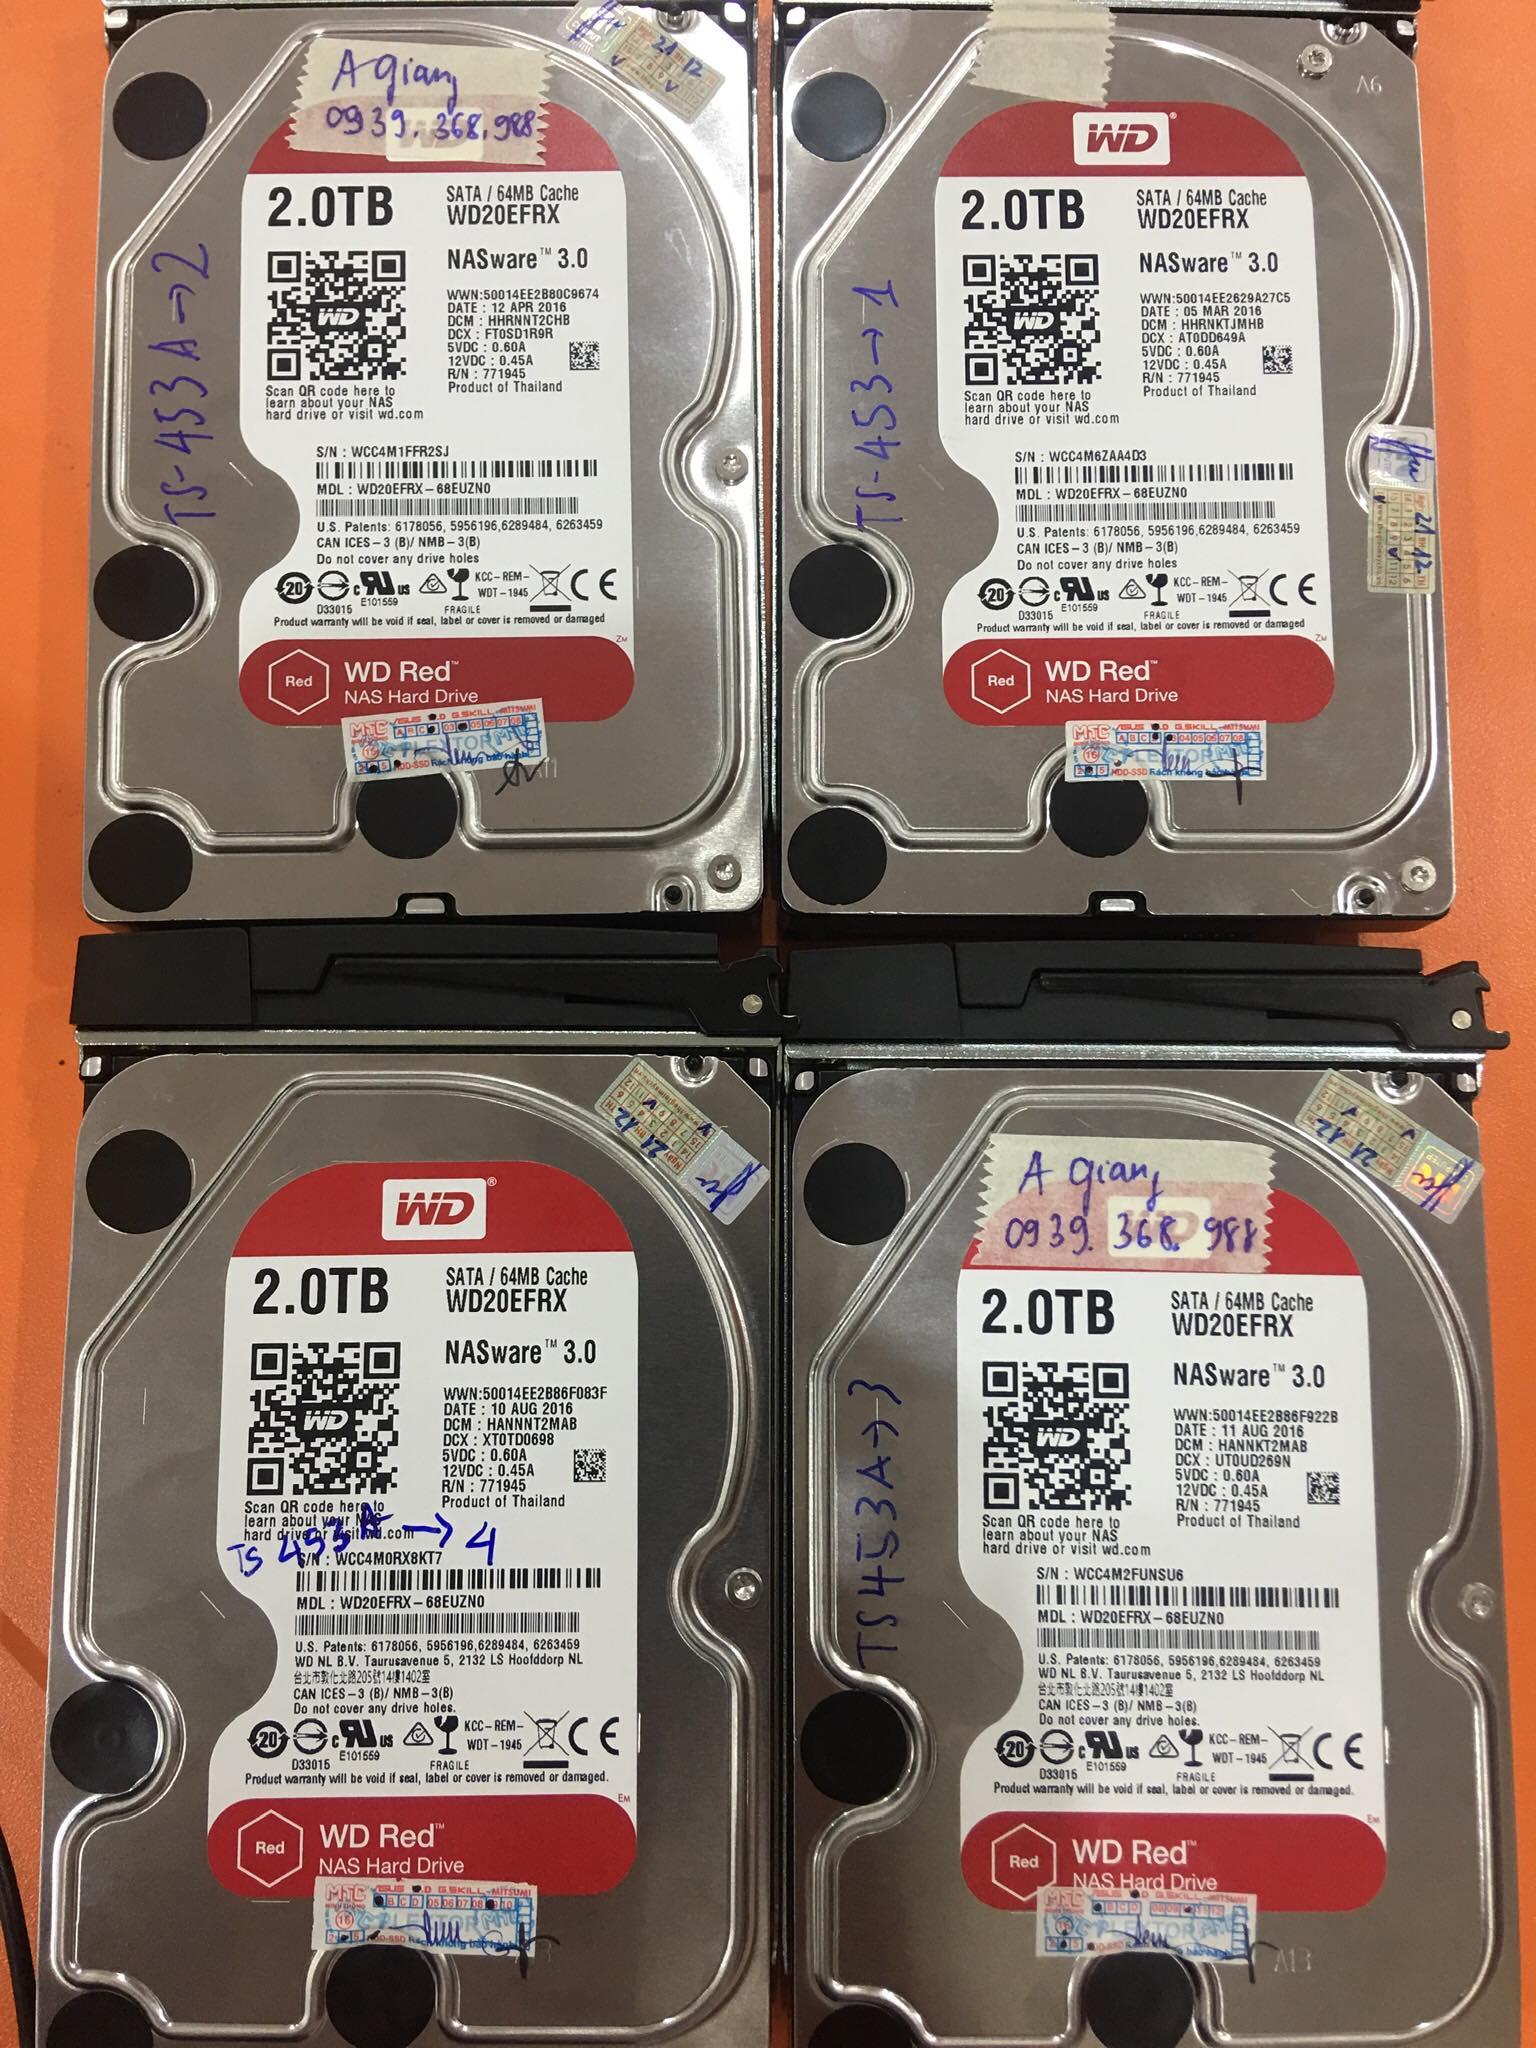 Cứu dữ liệu máy chủ Qnap với 4HDDx2TB lỗi 2HDD 02/07/2020 - cuumaytinh